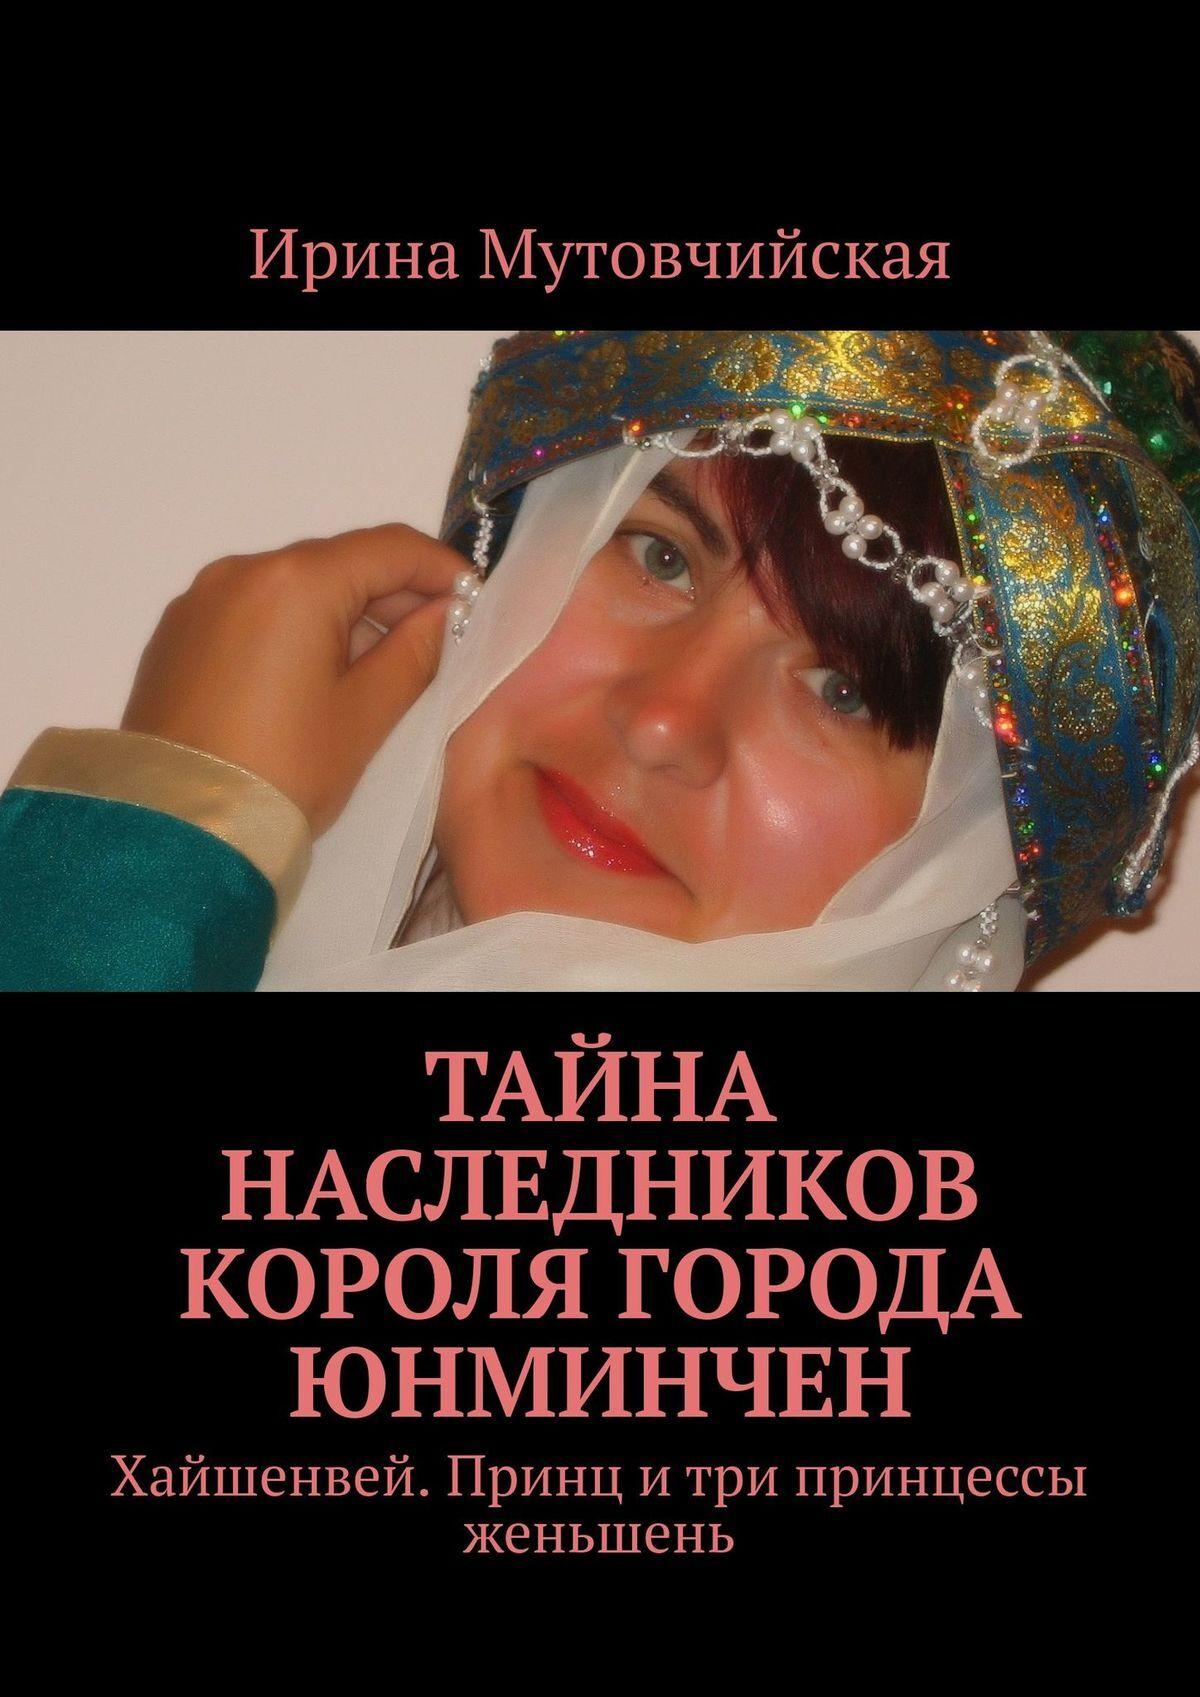 Ирина Мутовчийская Миллионка. Юнминчен. Вторая книга из серии «Хайшенвей»